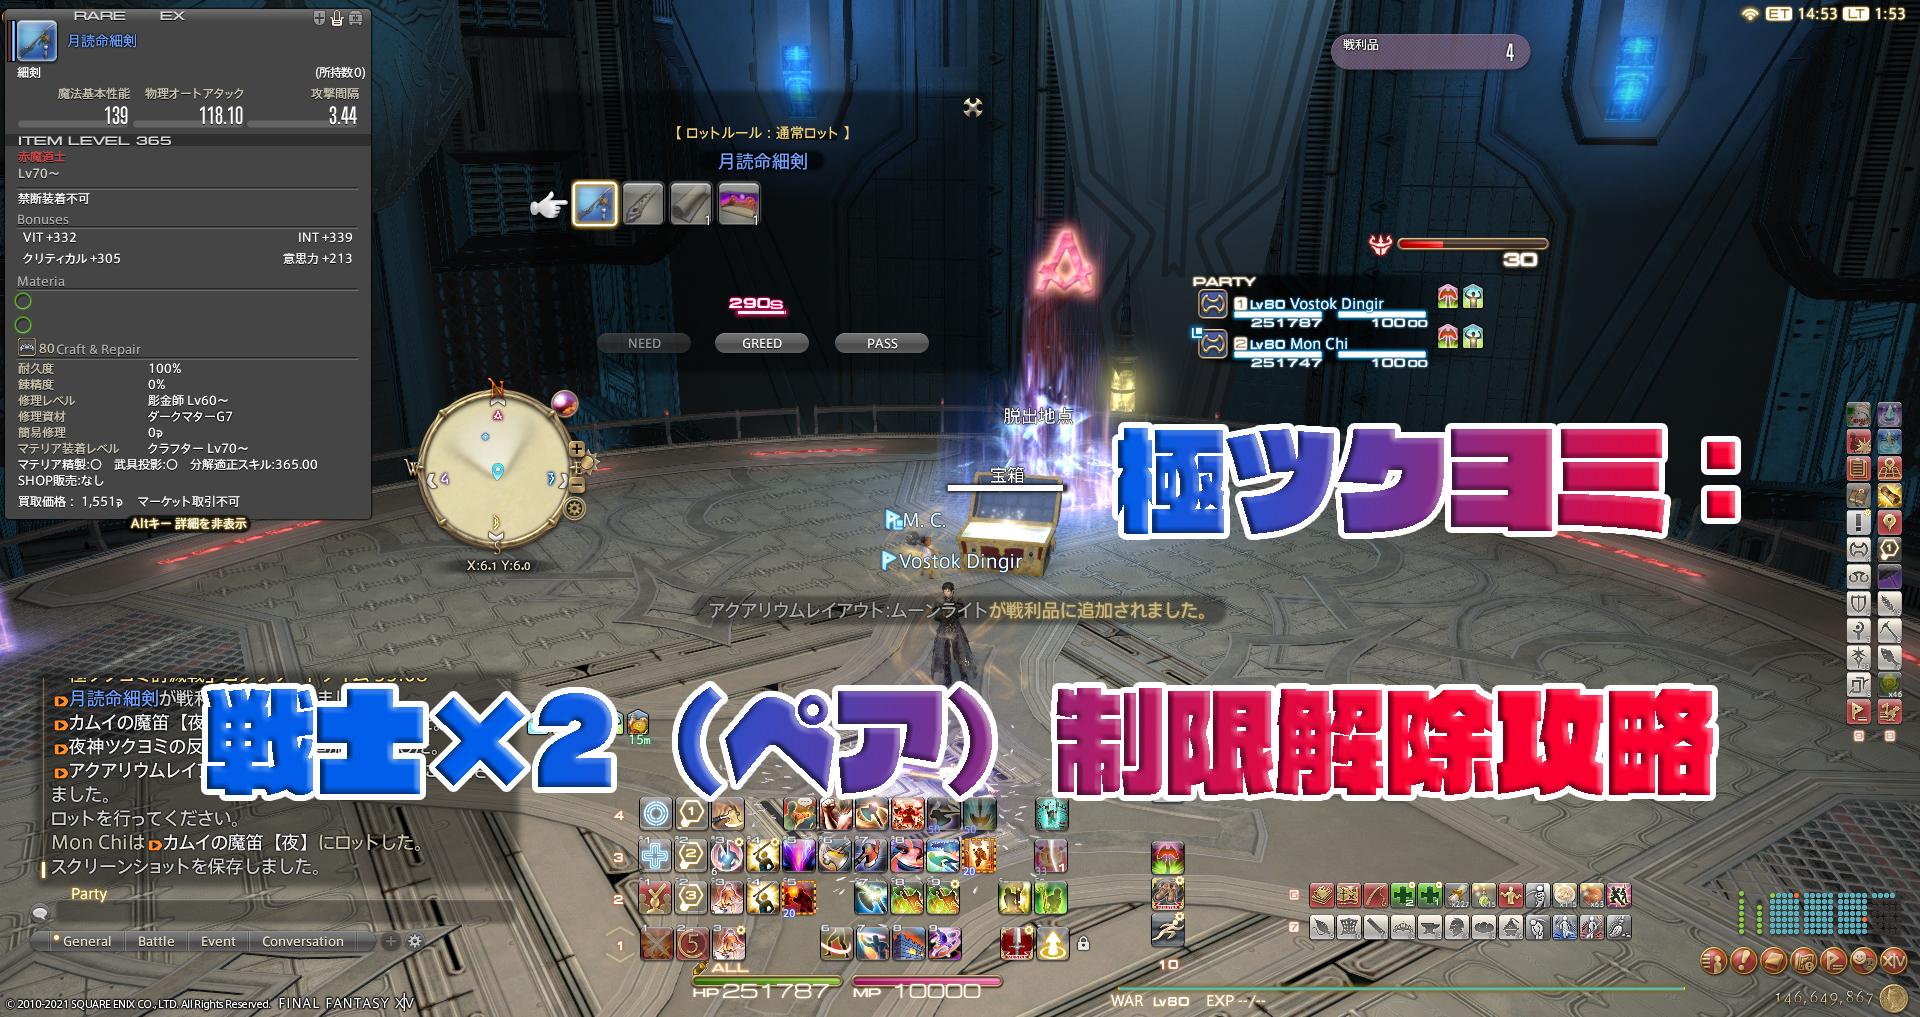 極ツクヨミ:戦士×2(ペア)制限解除攻略